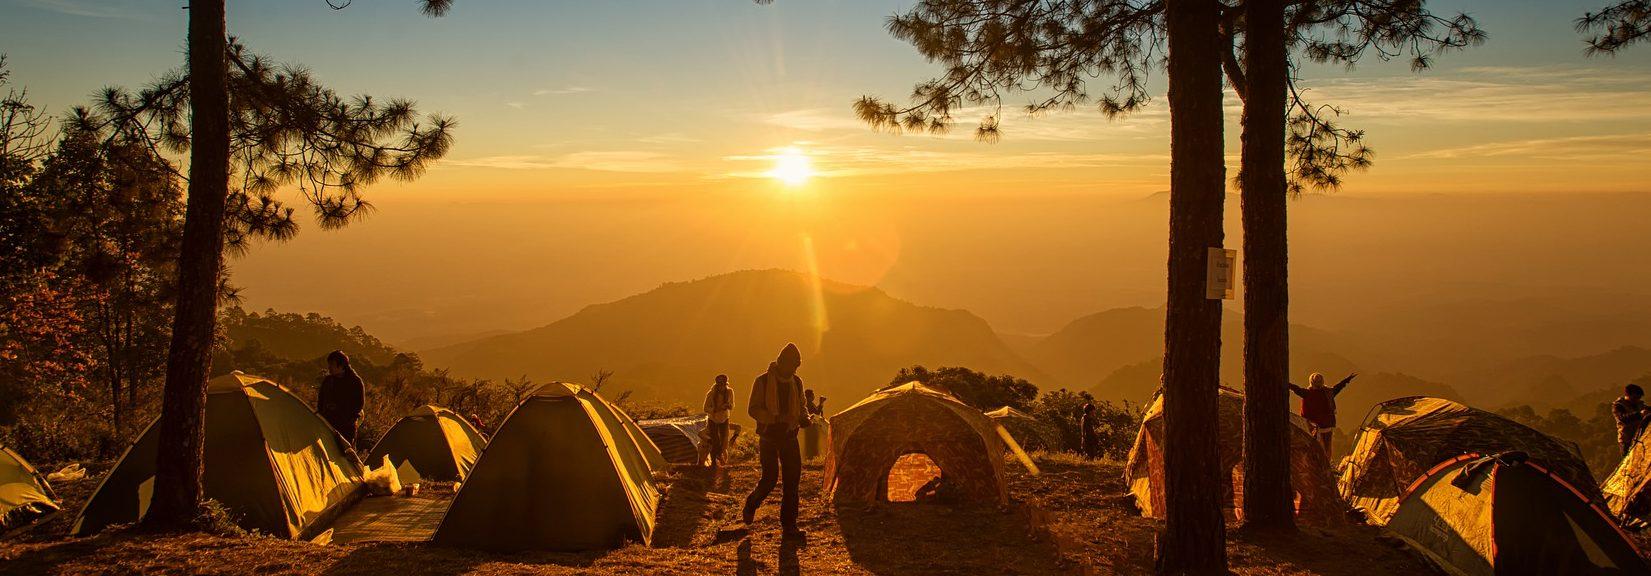 camping-4303357_1920